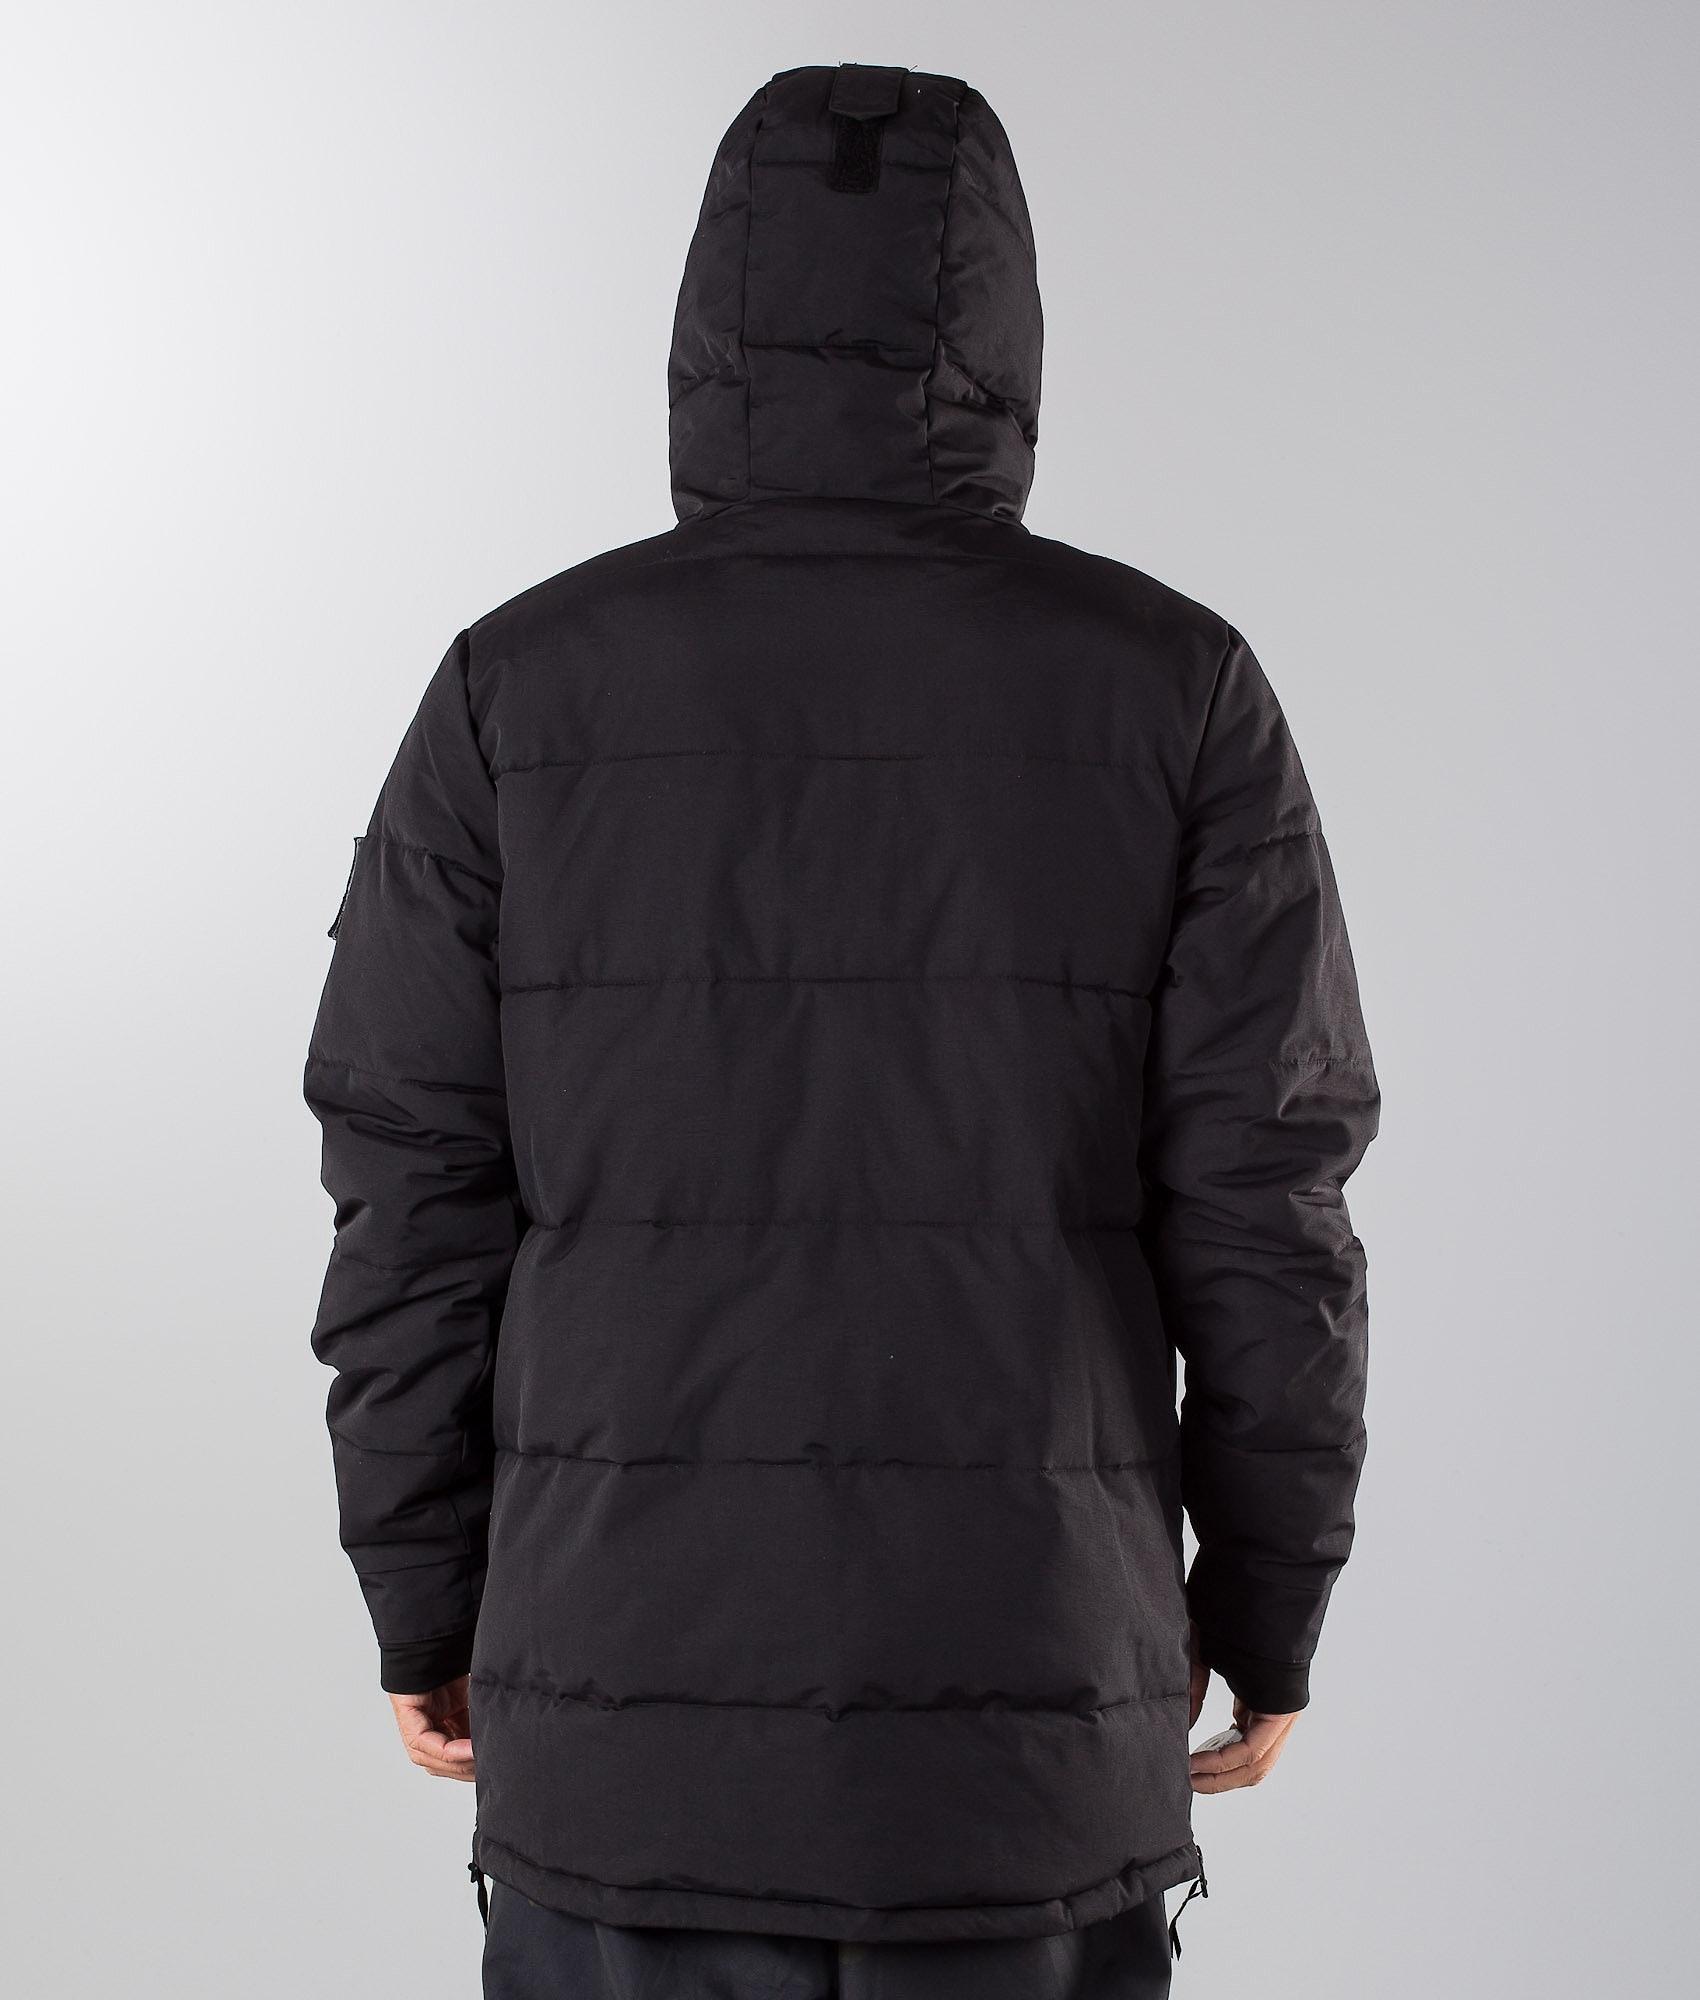 Dope Puffer Ski Jacket Black - Ridestore.com 966d3a4c7